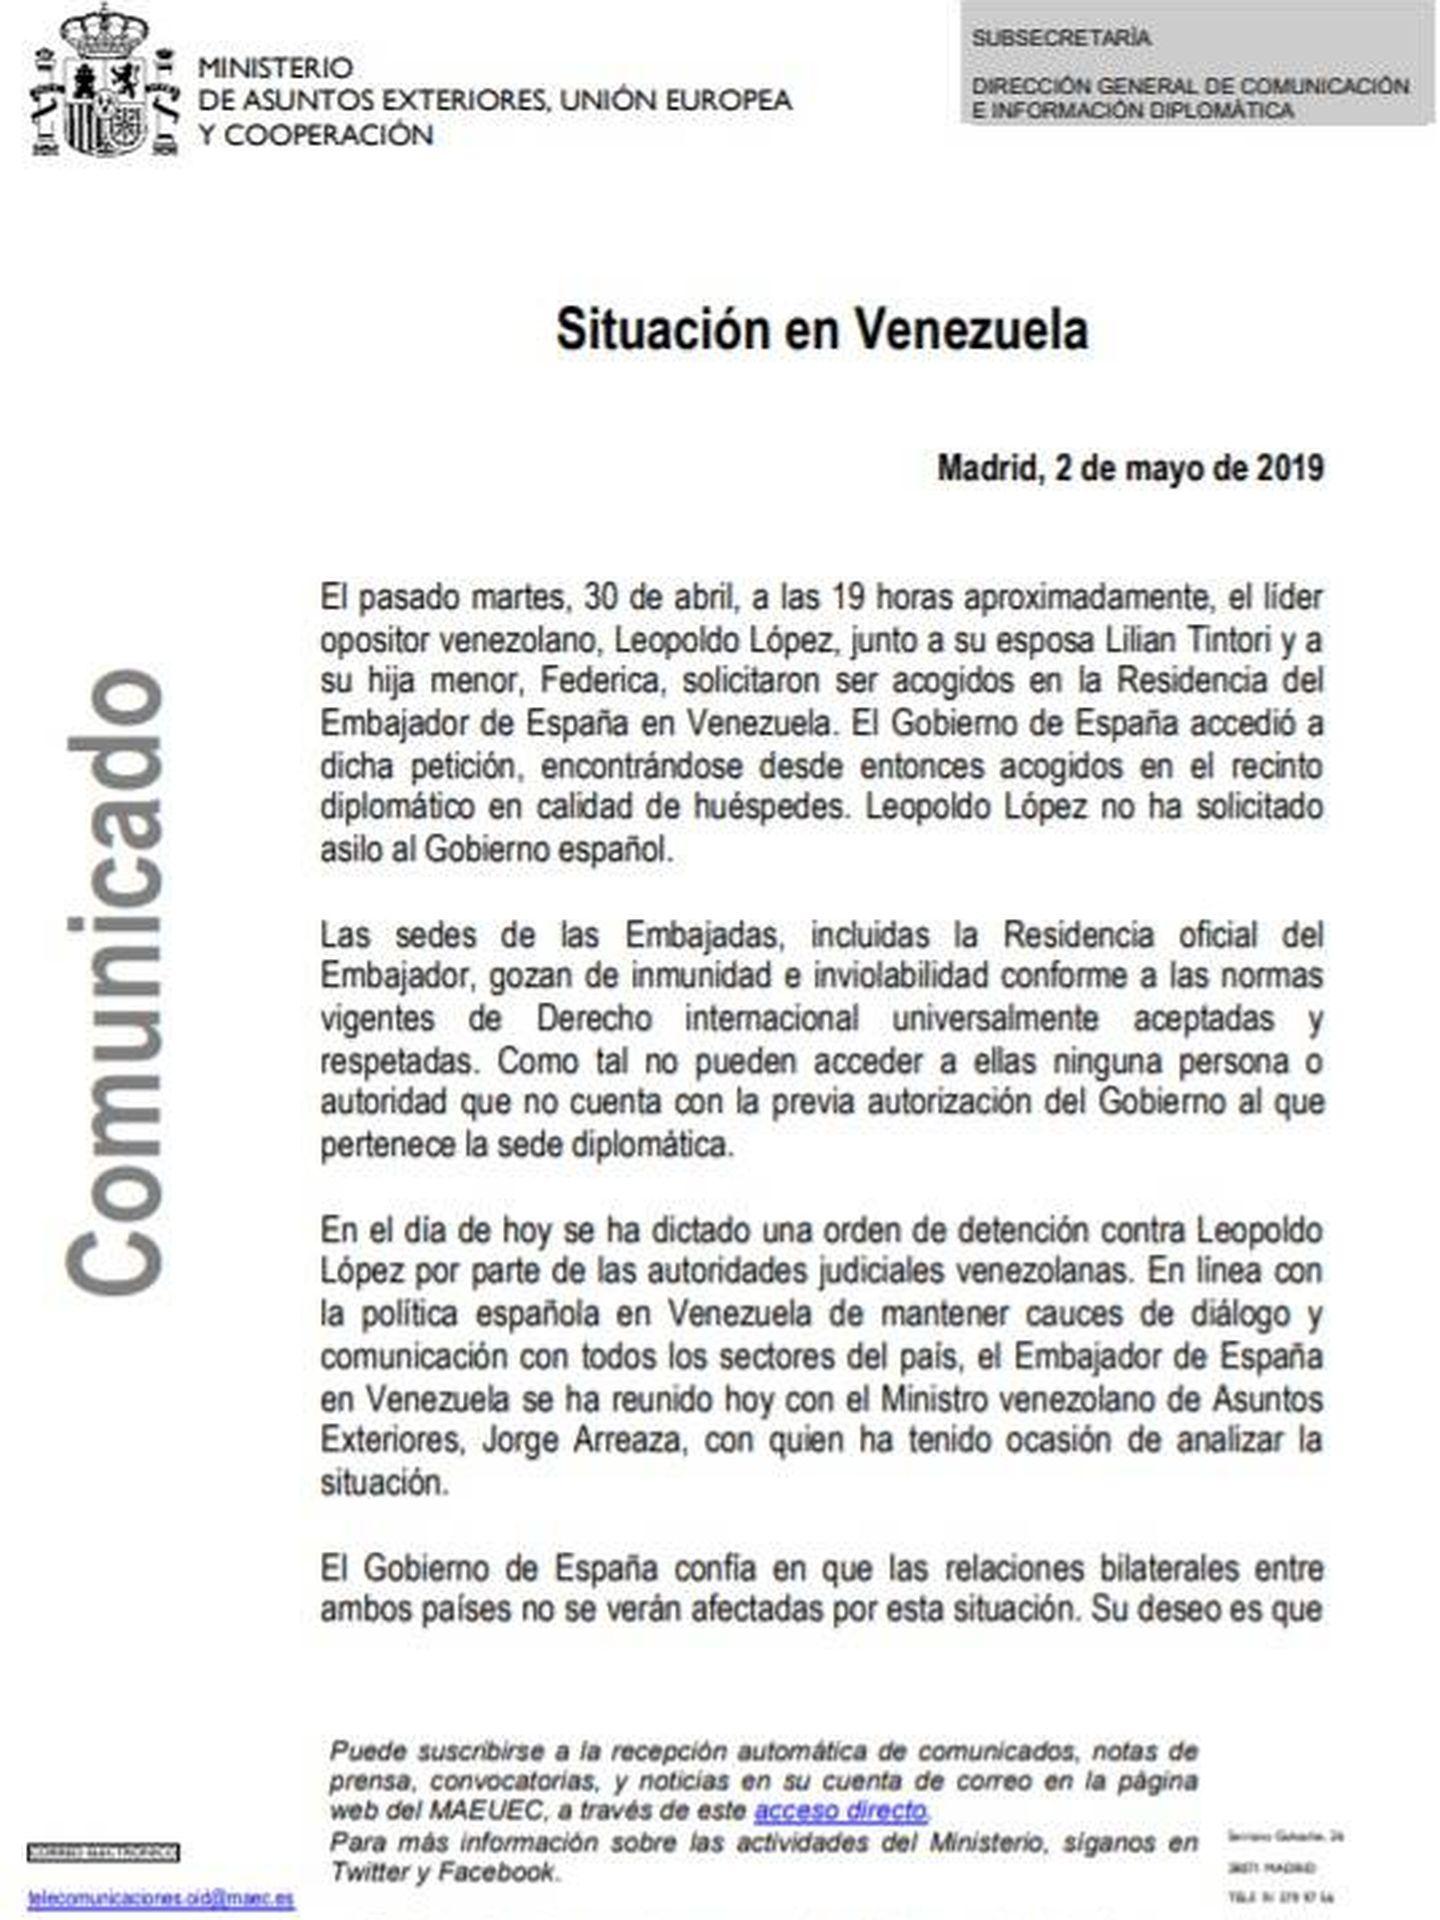 Consulte aquí en PDF el comunicado de Exteriores sobre la orden de captura de Leopoldo López.